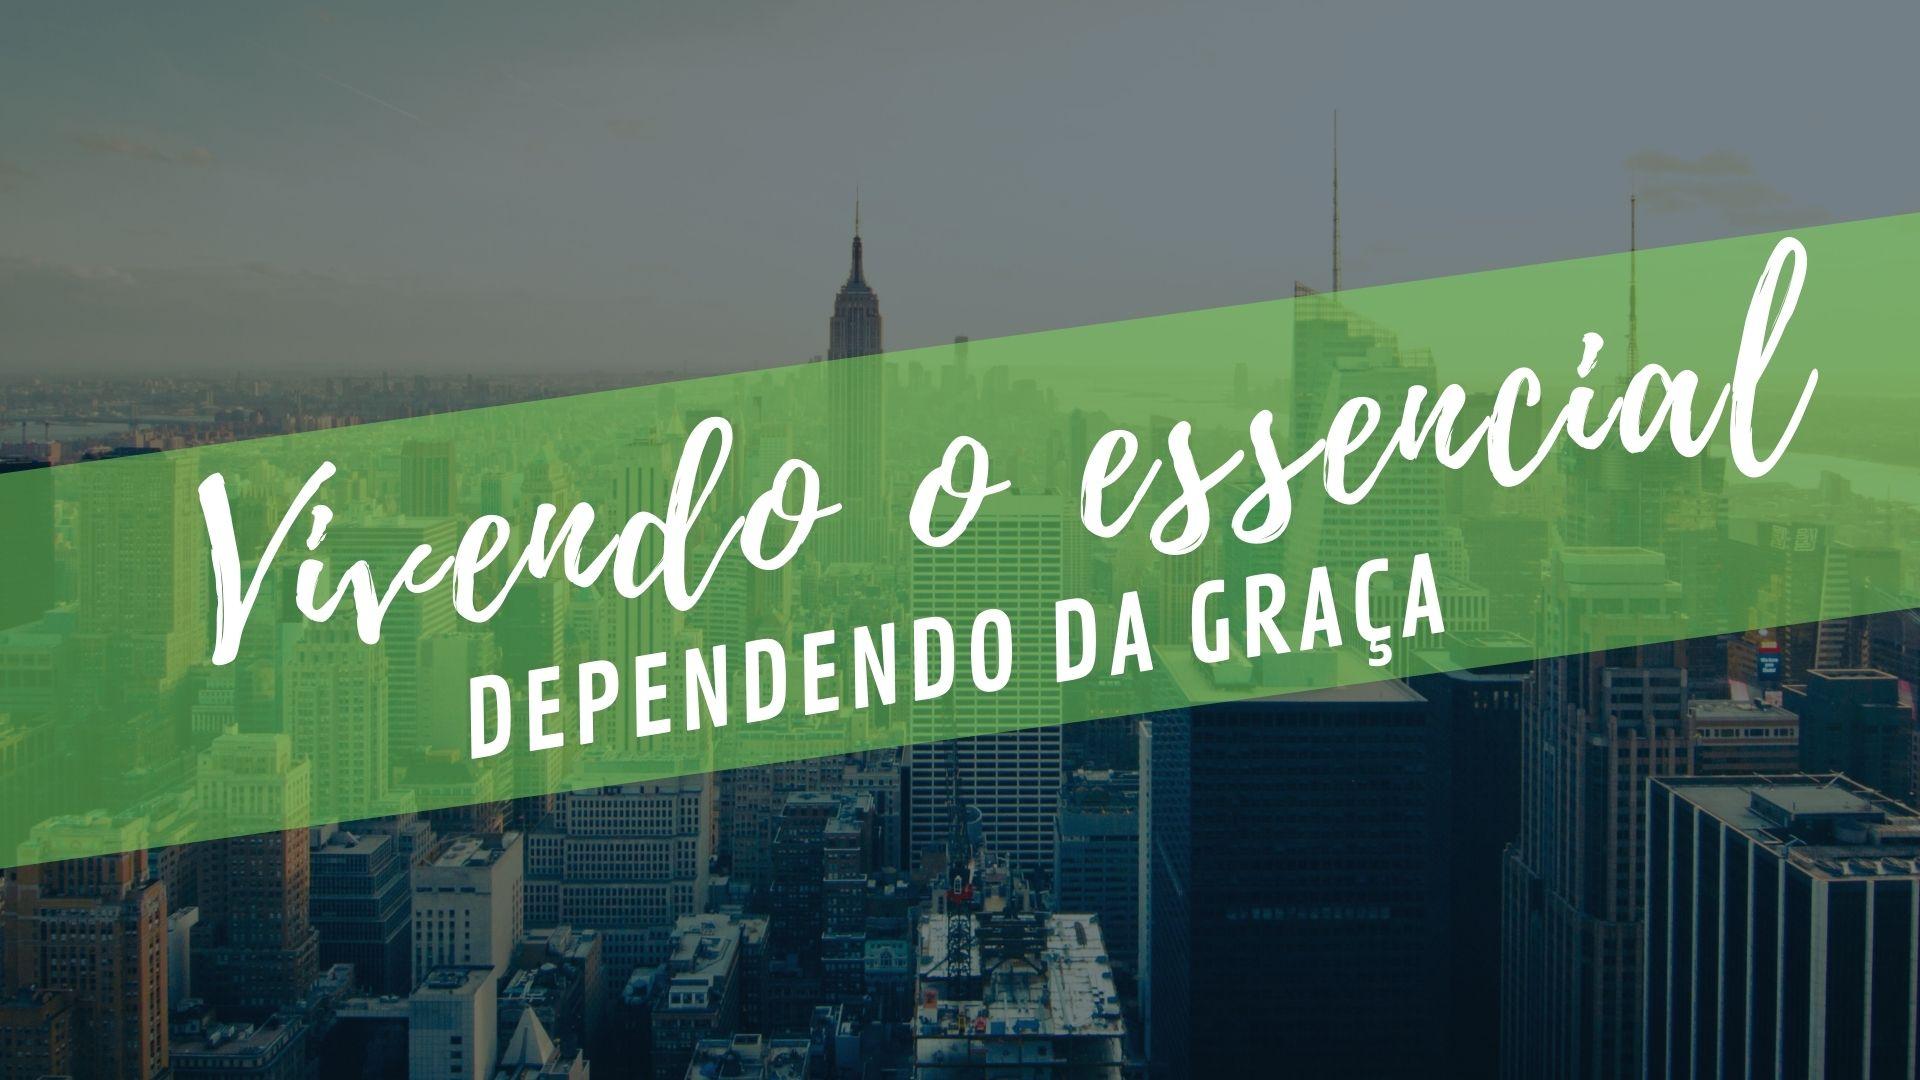 Vivendo o Essencial - Dependendo da Graça